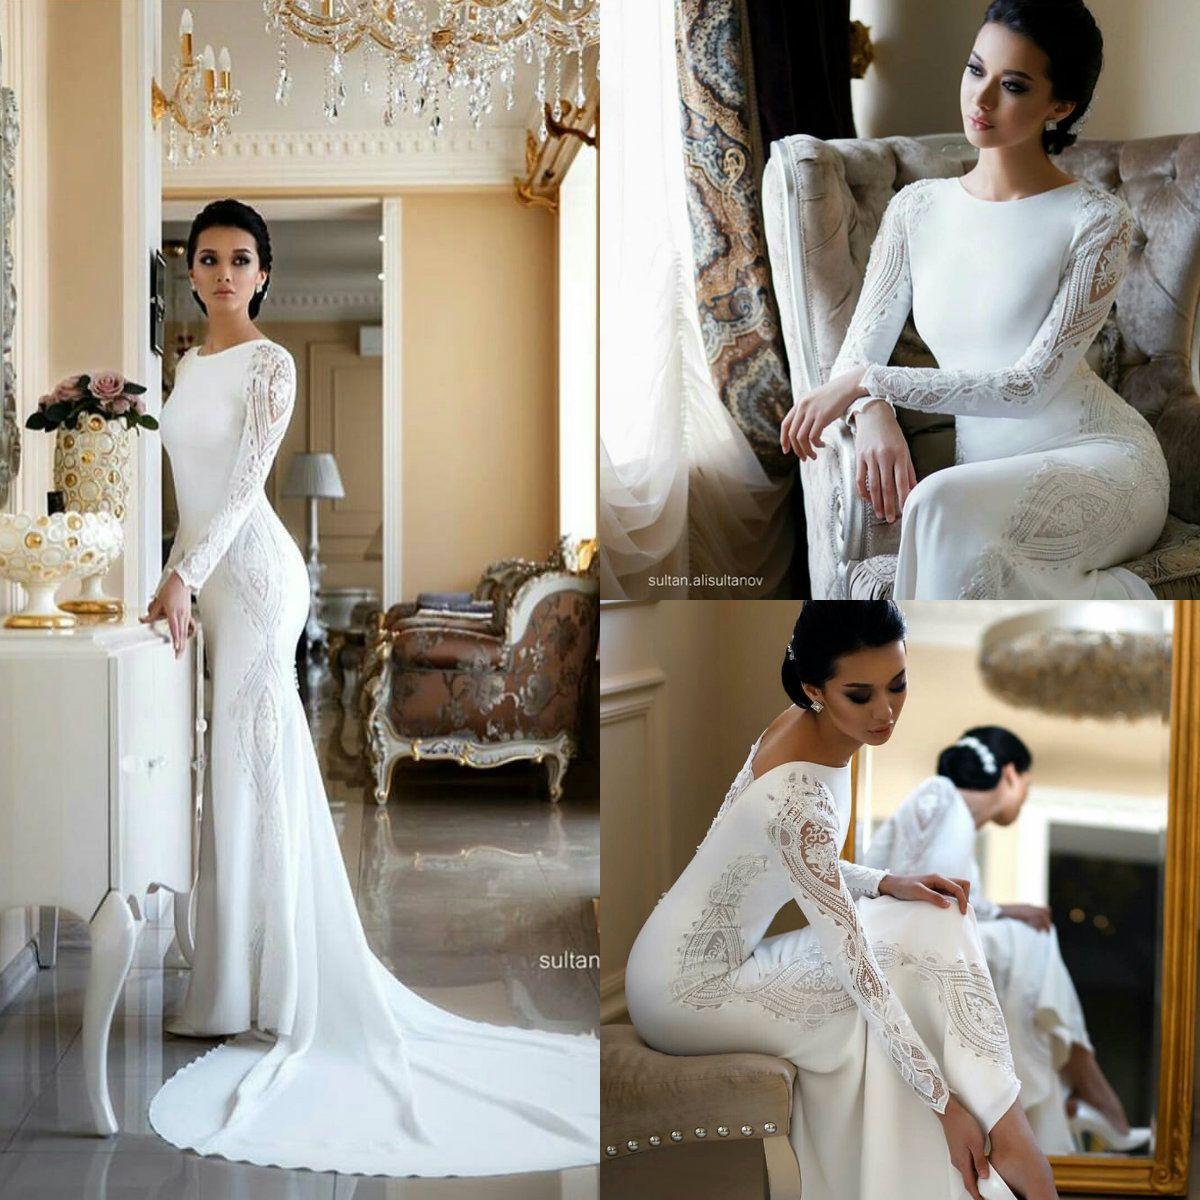 2019 Modest Mermaid Wedding Dresses Lace Appliqued frisada Berta Trem da varredura Boho do vestido de casamento vestidos de noiva Plus Size mangas ABITI da sposa